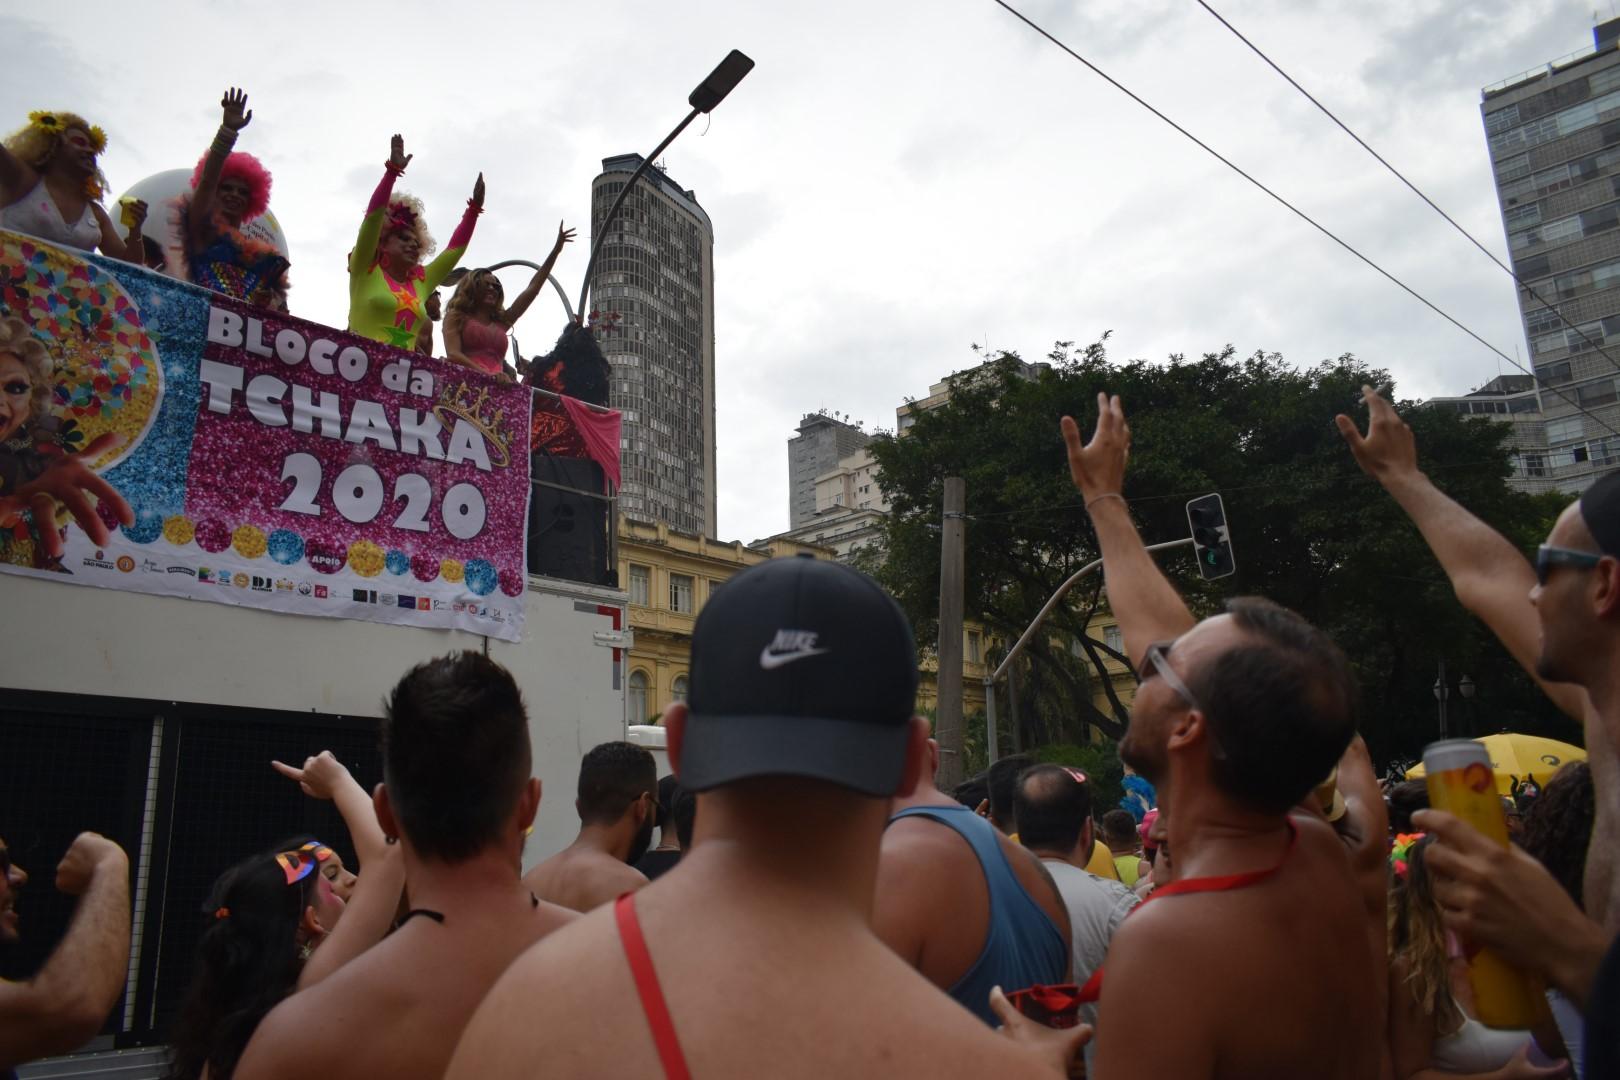 Bloco da Tchaka, Centro, São Paulo